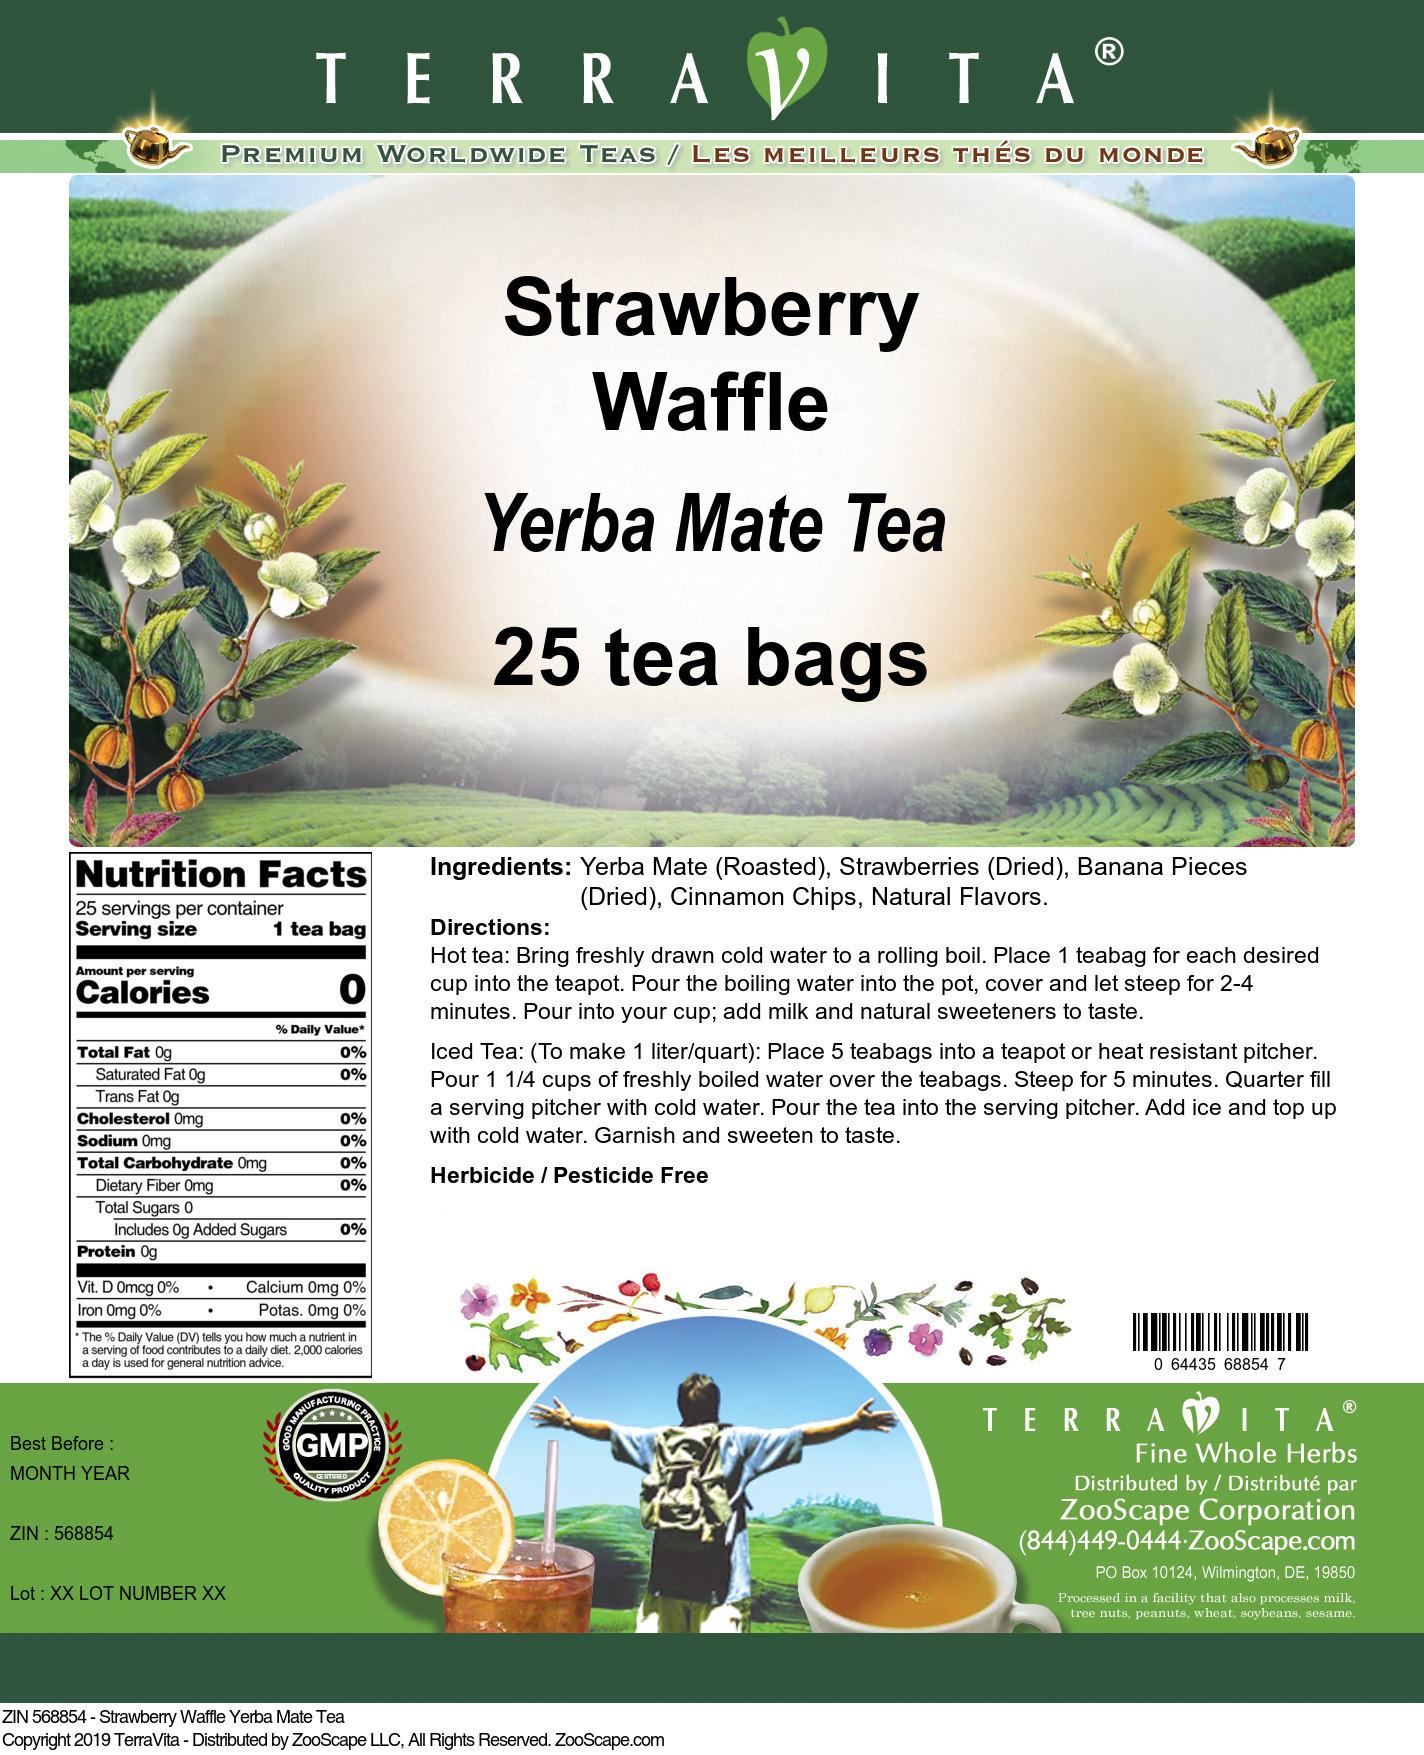 Strawberry Waffle Yerba Mate